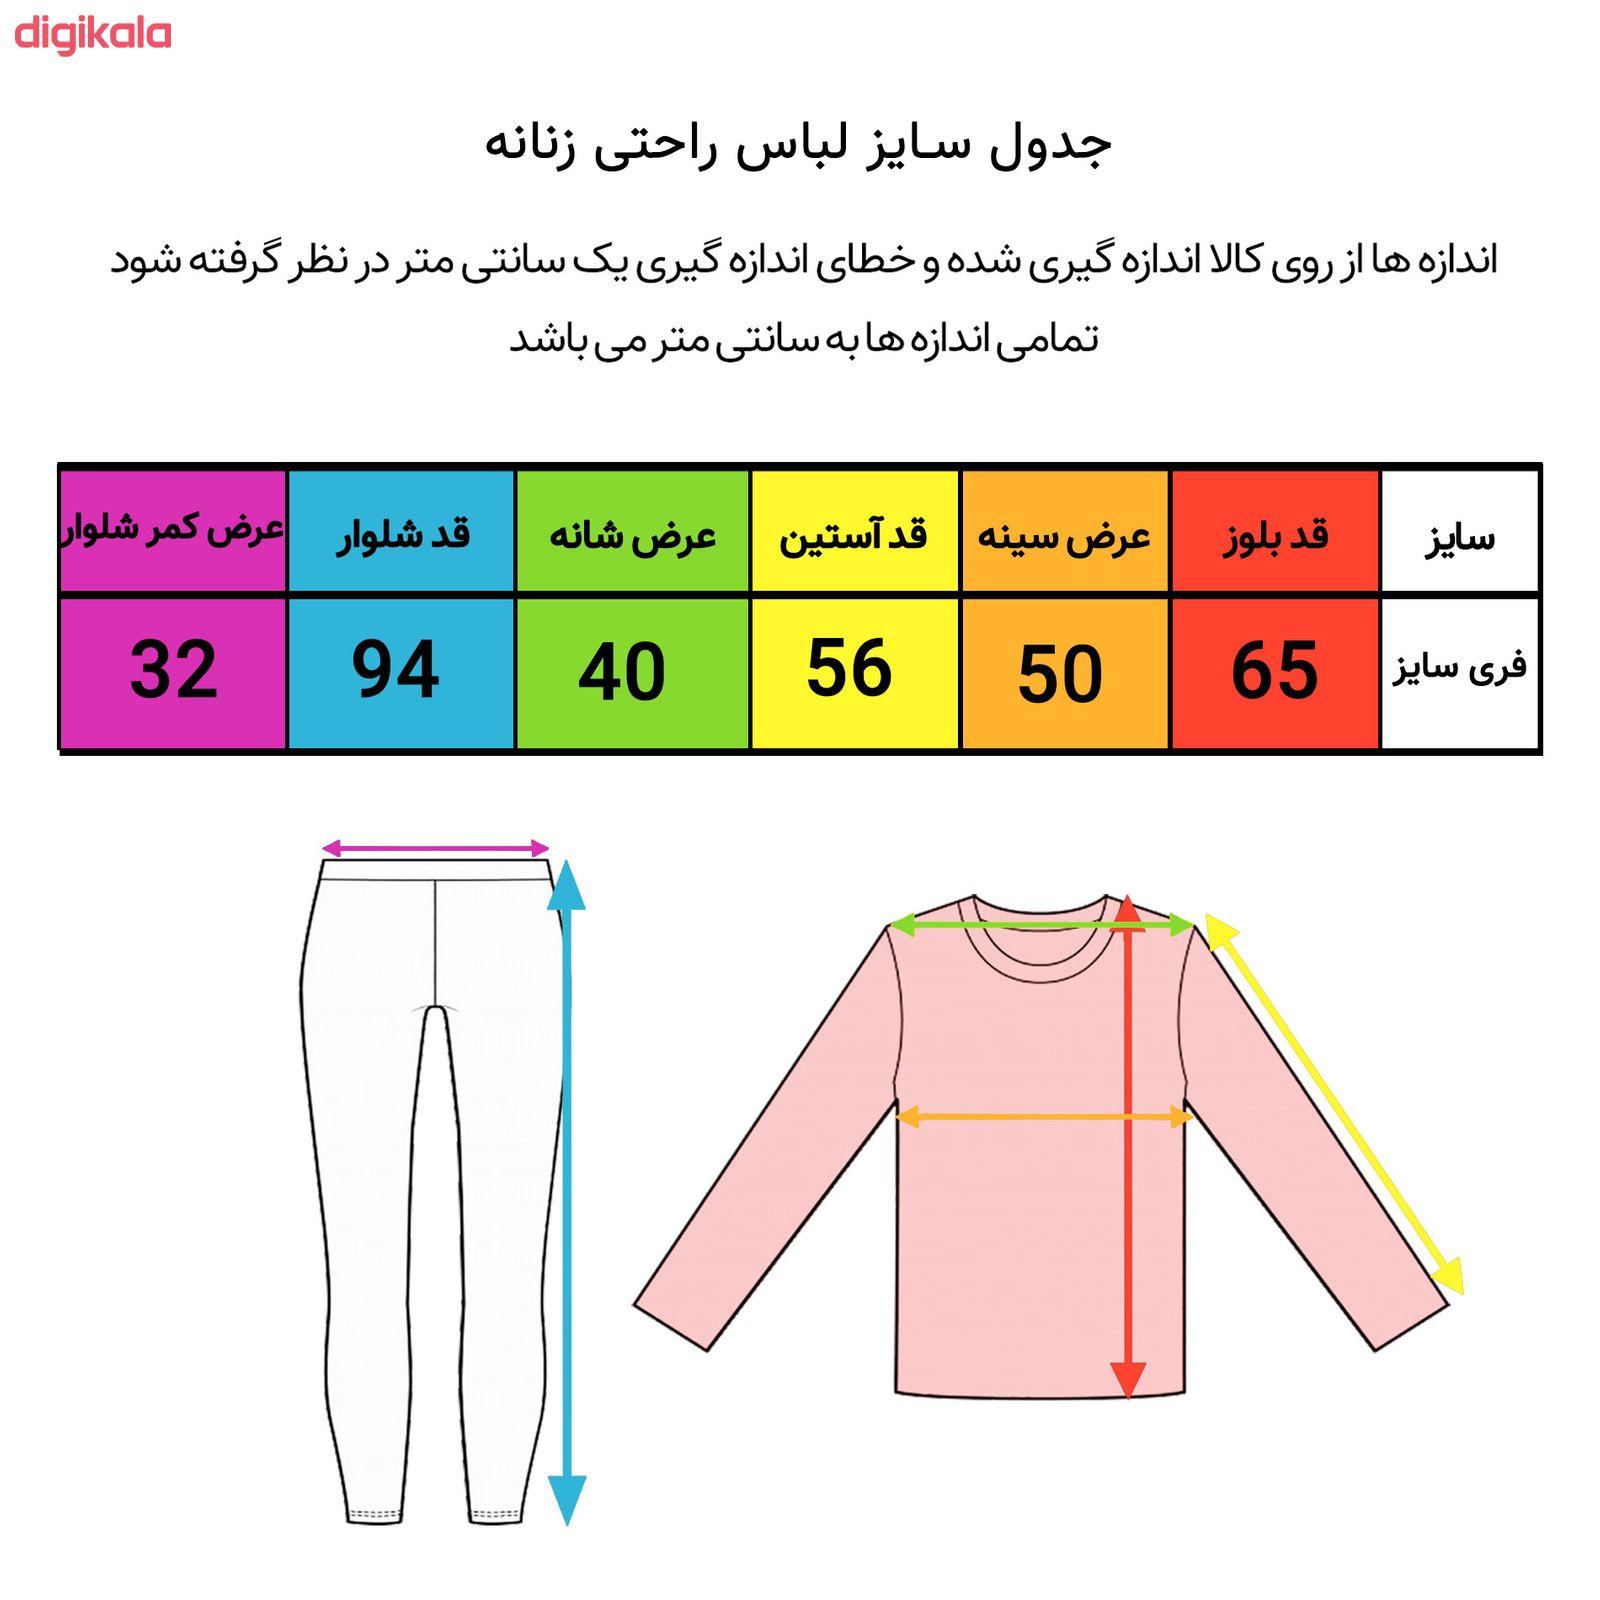 ست تی شرت و شلوار زنانه ماییلدا مدل 3587-3 main 1 7